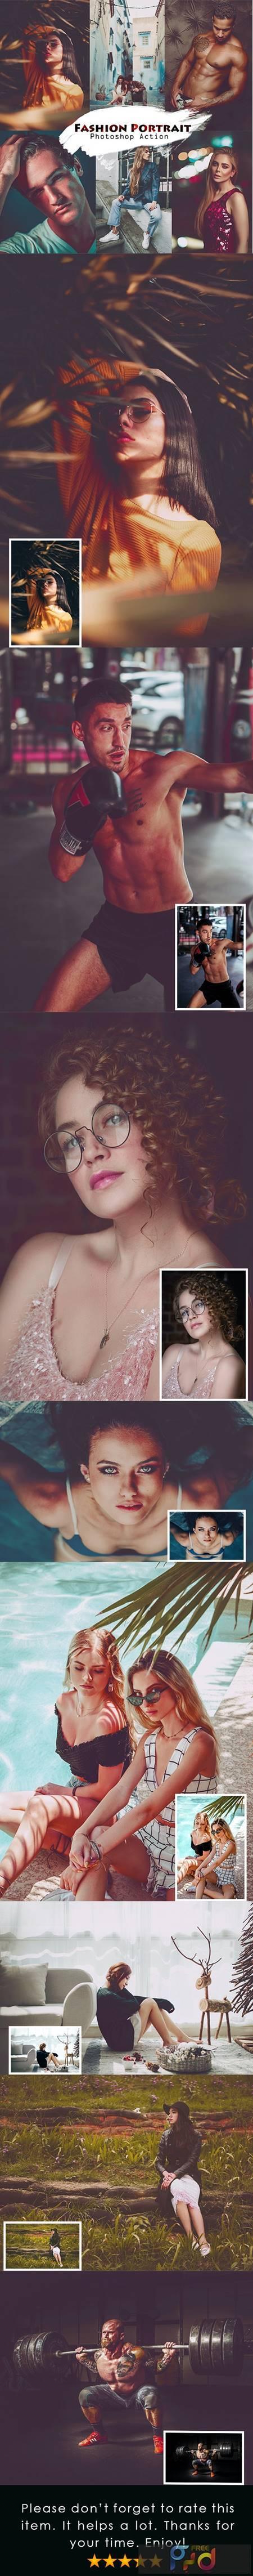 Fashion Portrait Photoshop Action 27131589 1